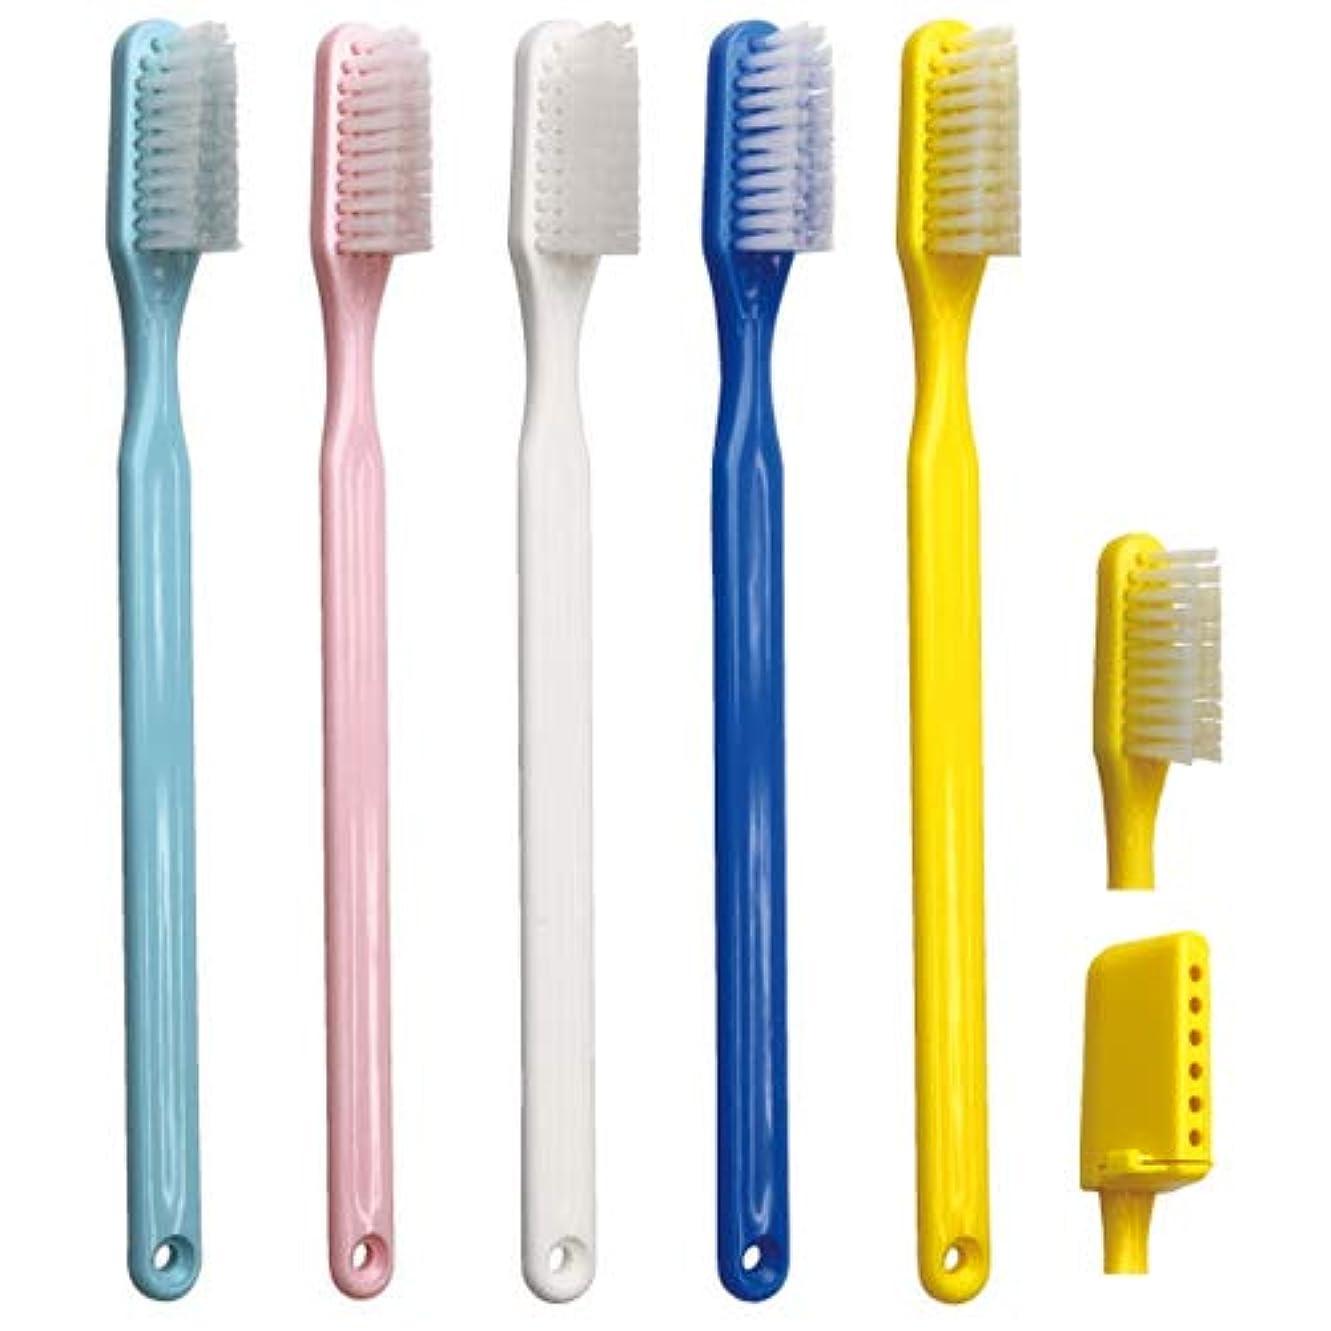 影響するポーター医薬歯科医院専用商品 PHB 歯ブラシ アダルト5本セット( 歯ブラシキャップ付)ライトブルー?ピンク?ホワイト?ネオンブルー?イエロー